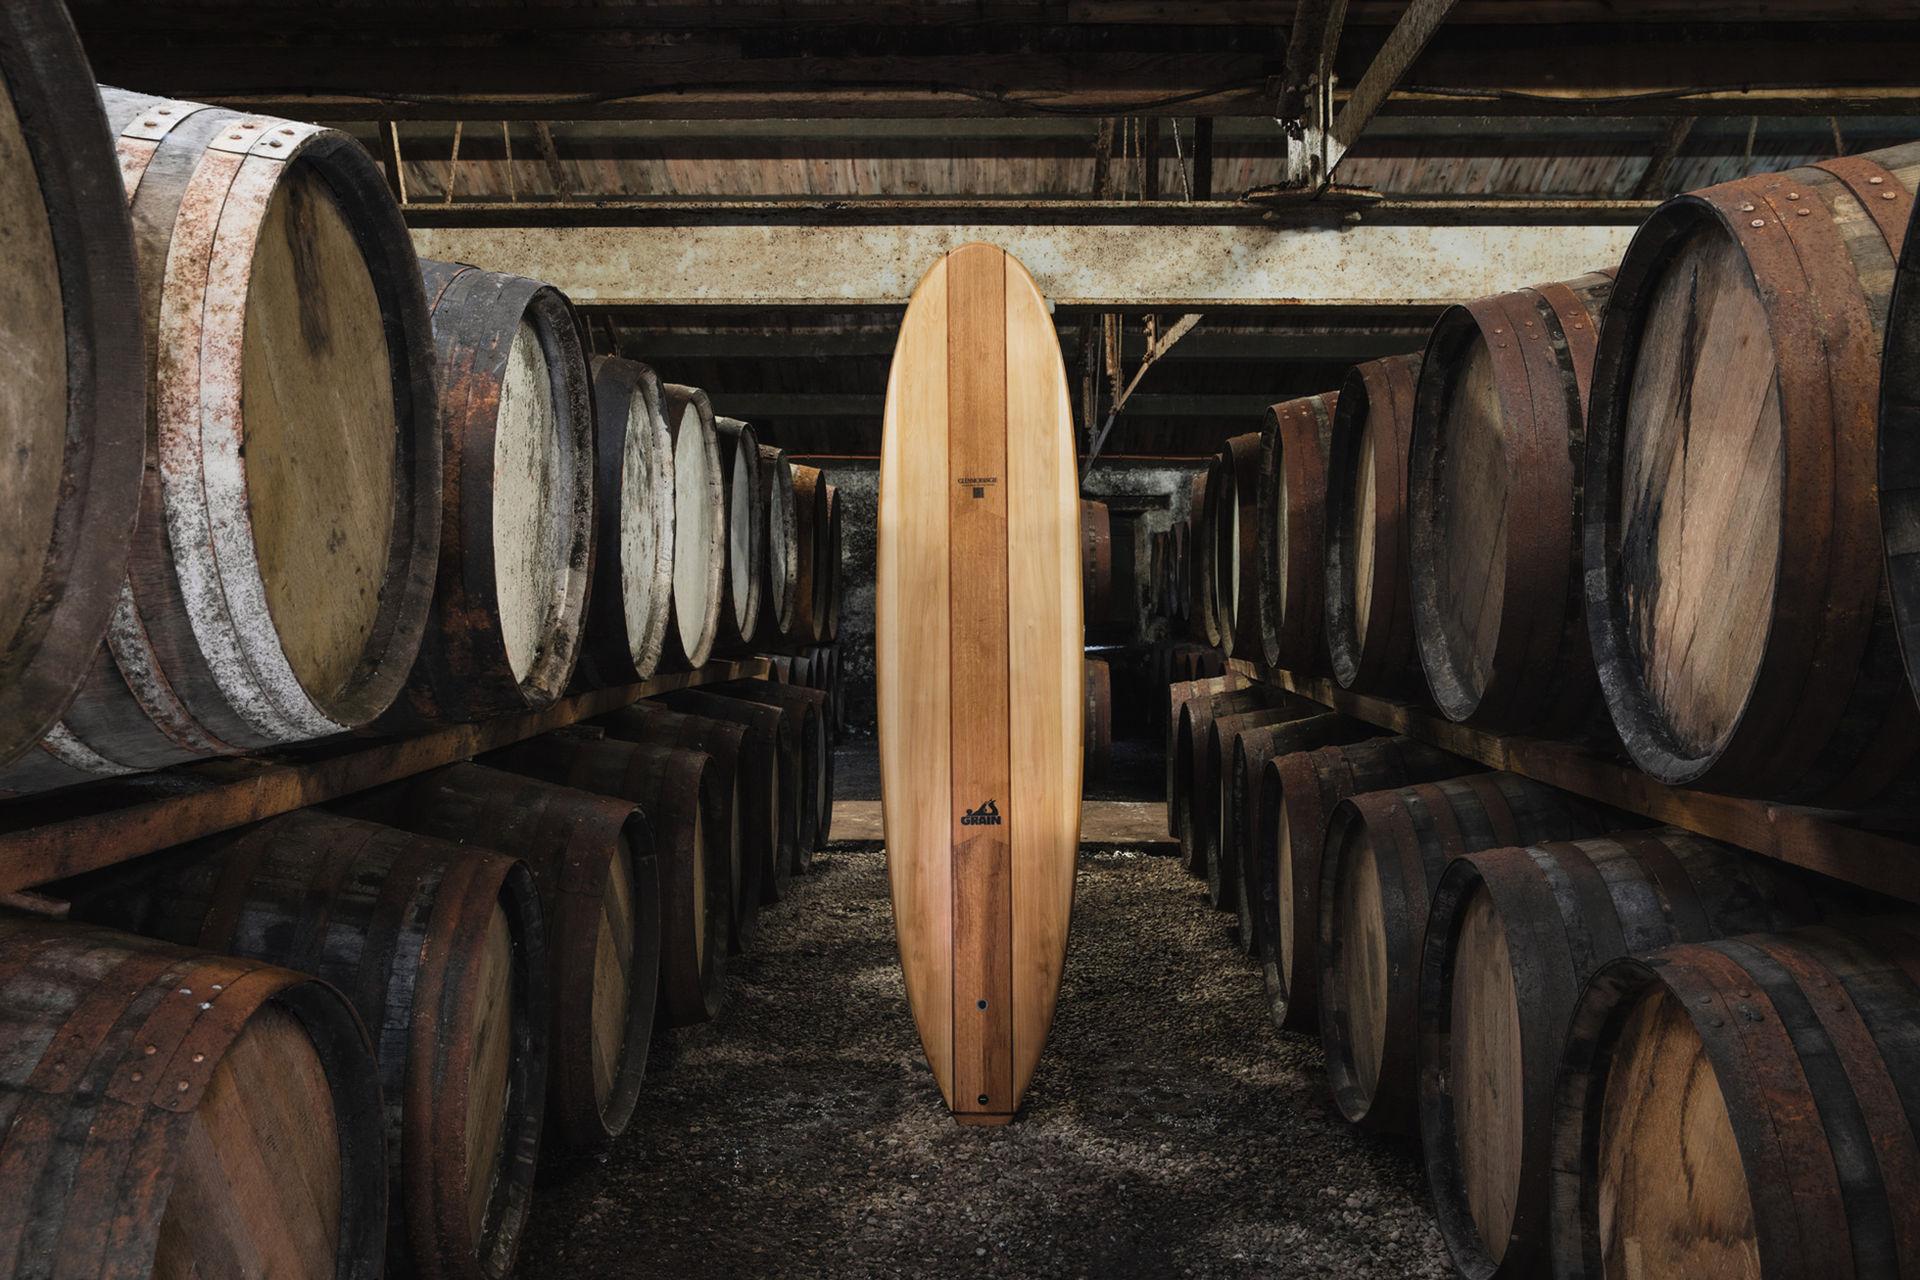 Handbyggd surfbräda av trä från whiskyfat